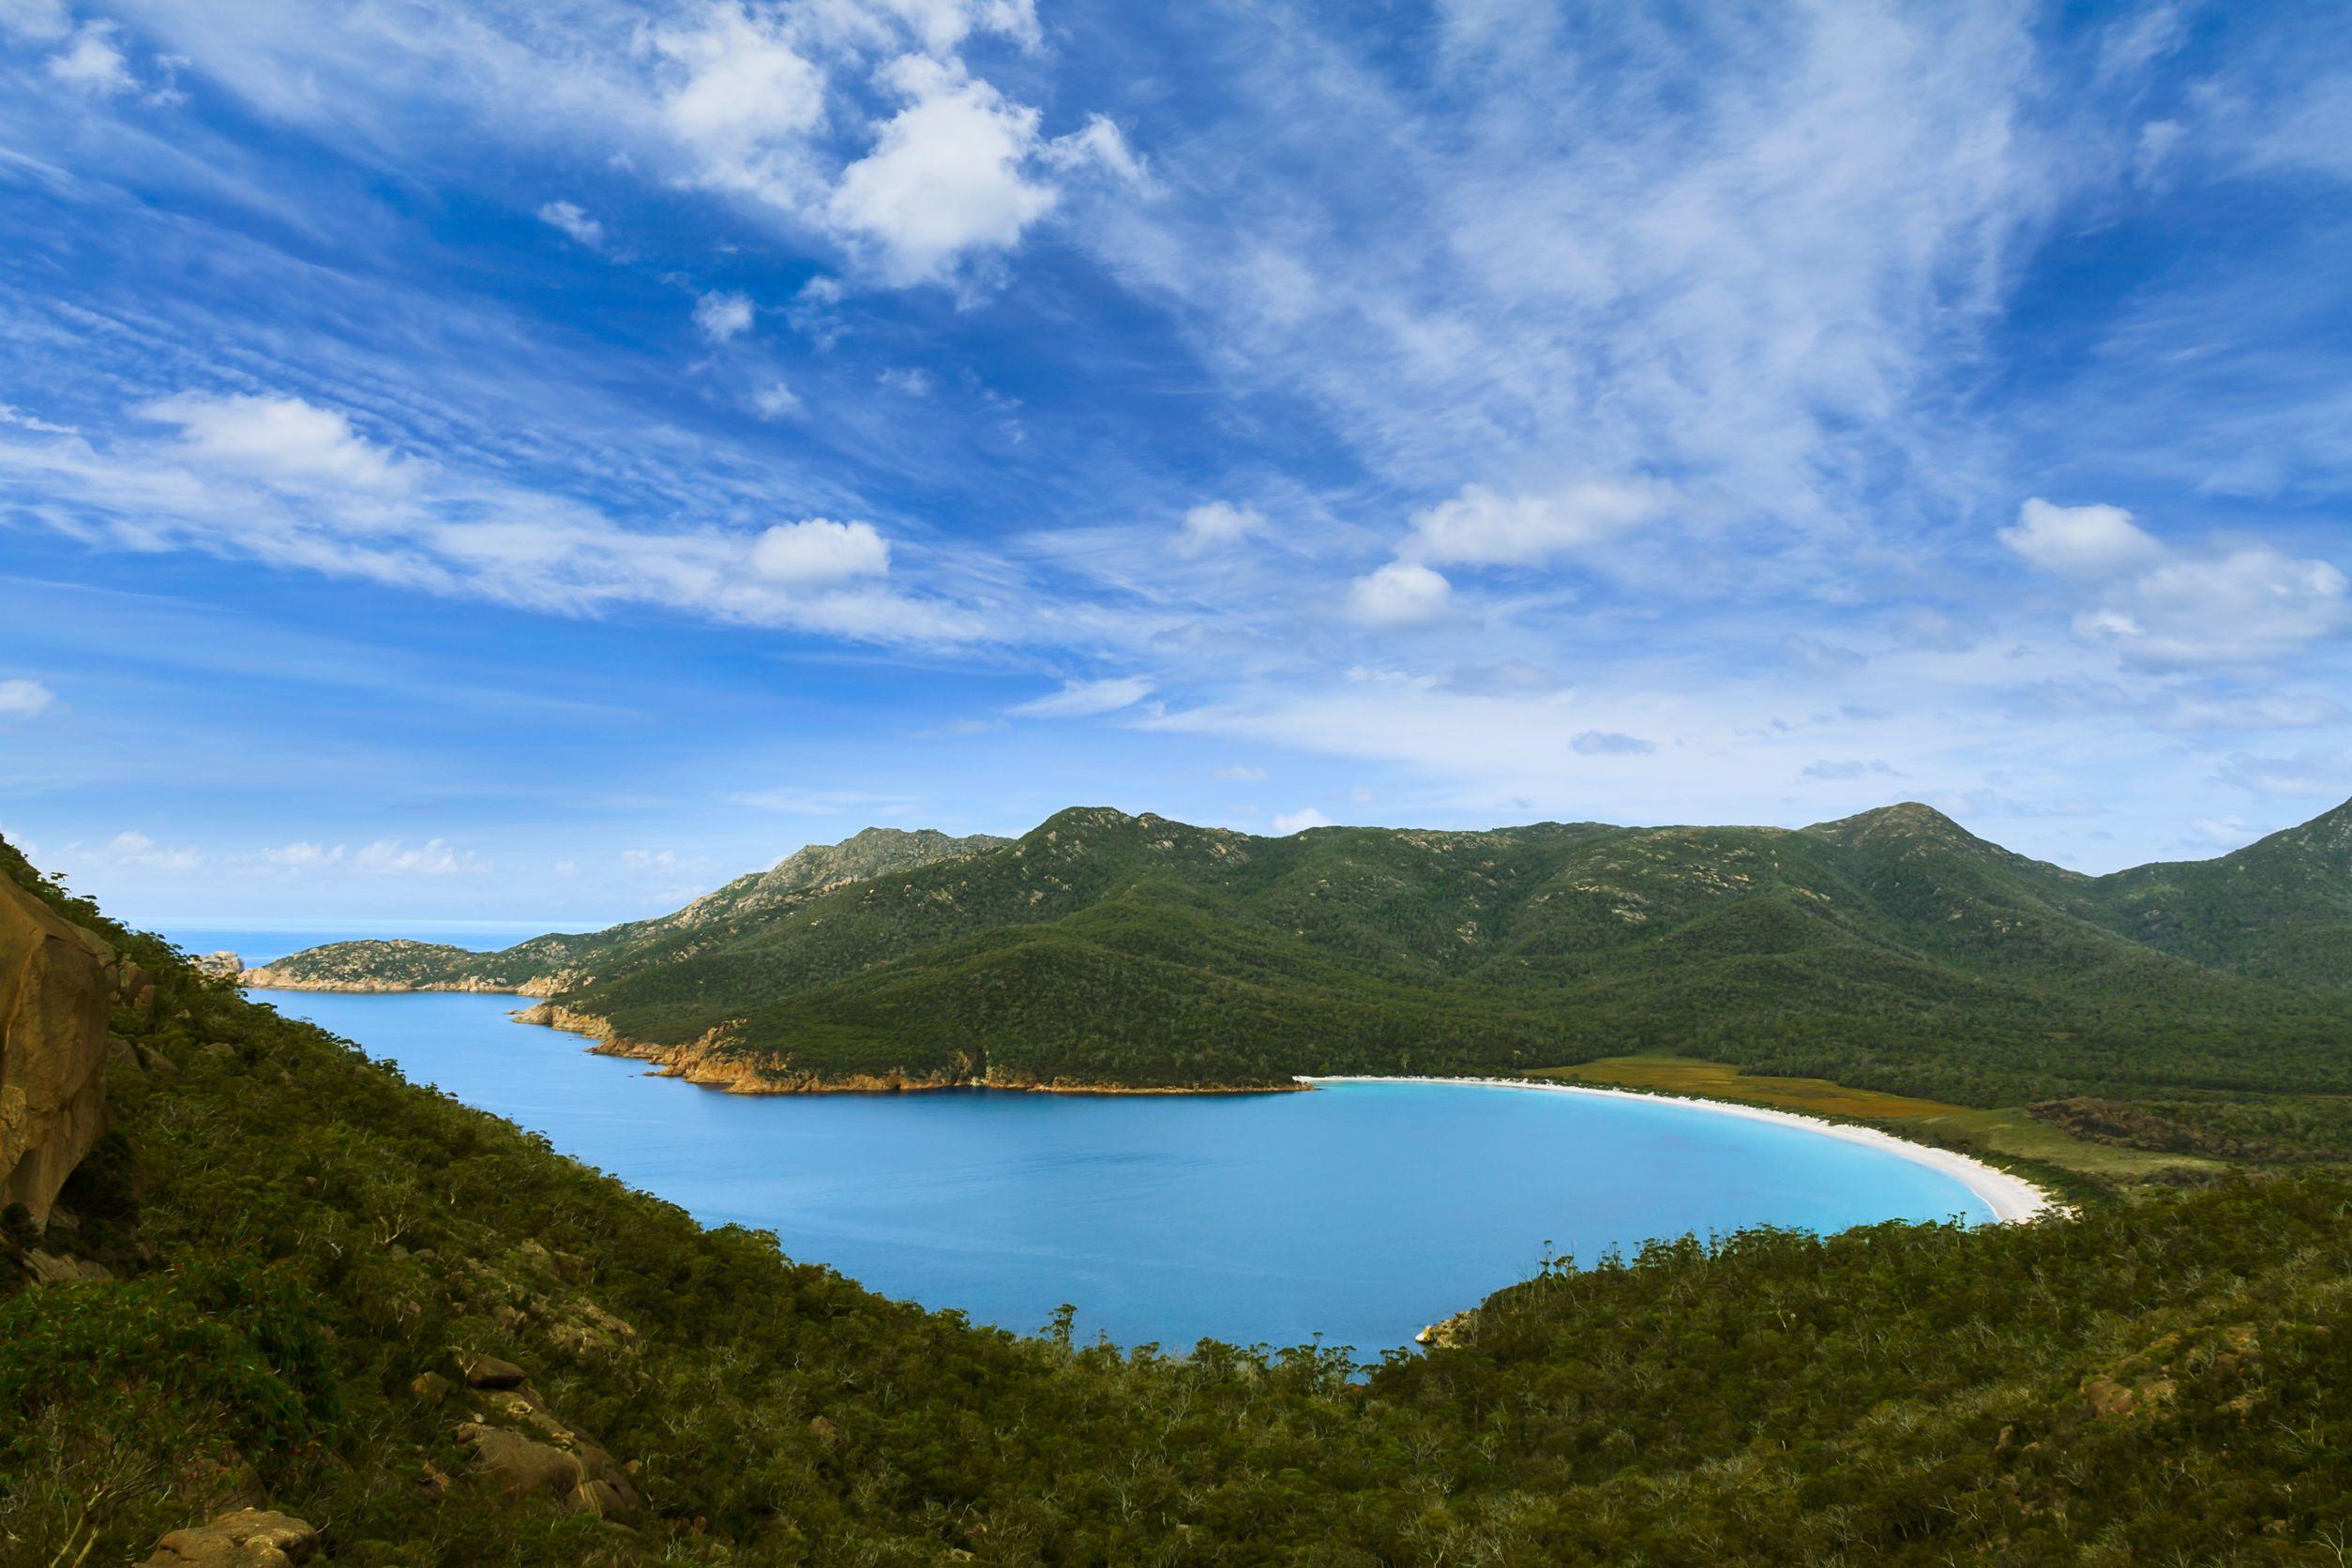 australia tasmania park 123rf